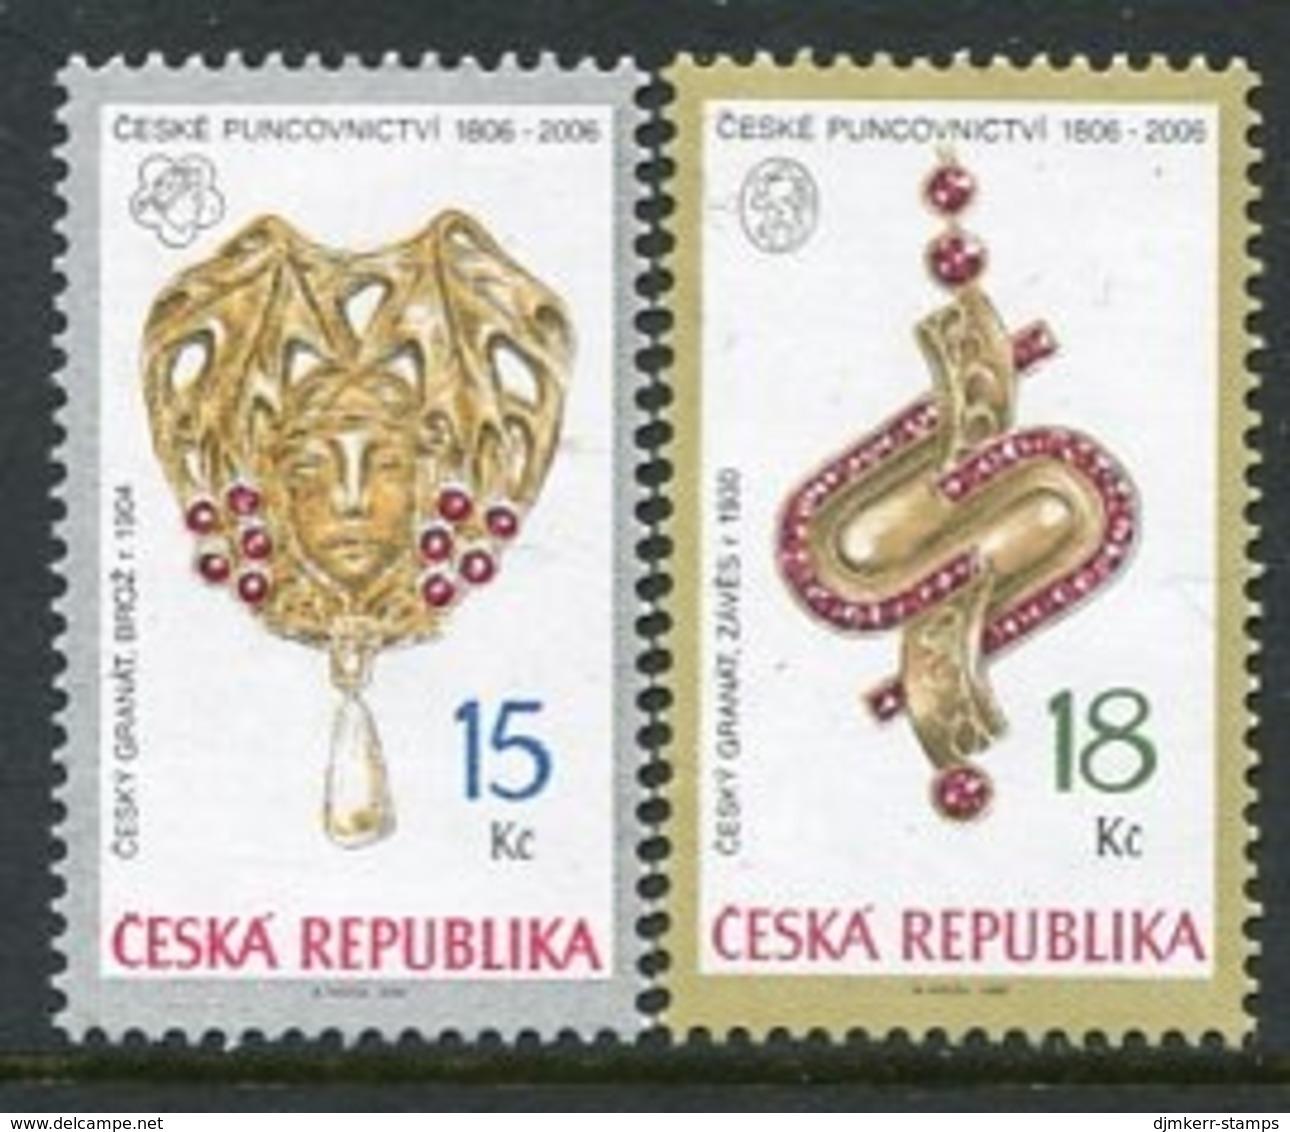 CZECH REPUBLIC 2006 Jewellery, MNH / **.  Michel 481-82 - Repubblica Ceca